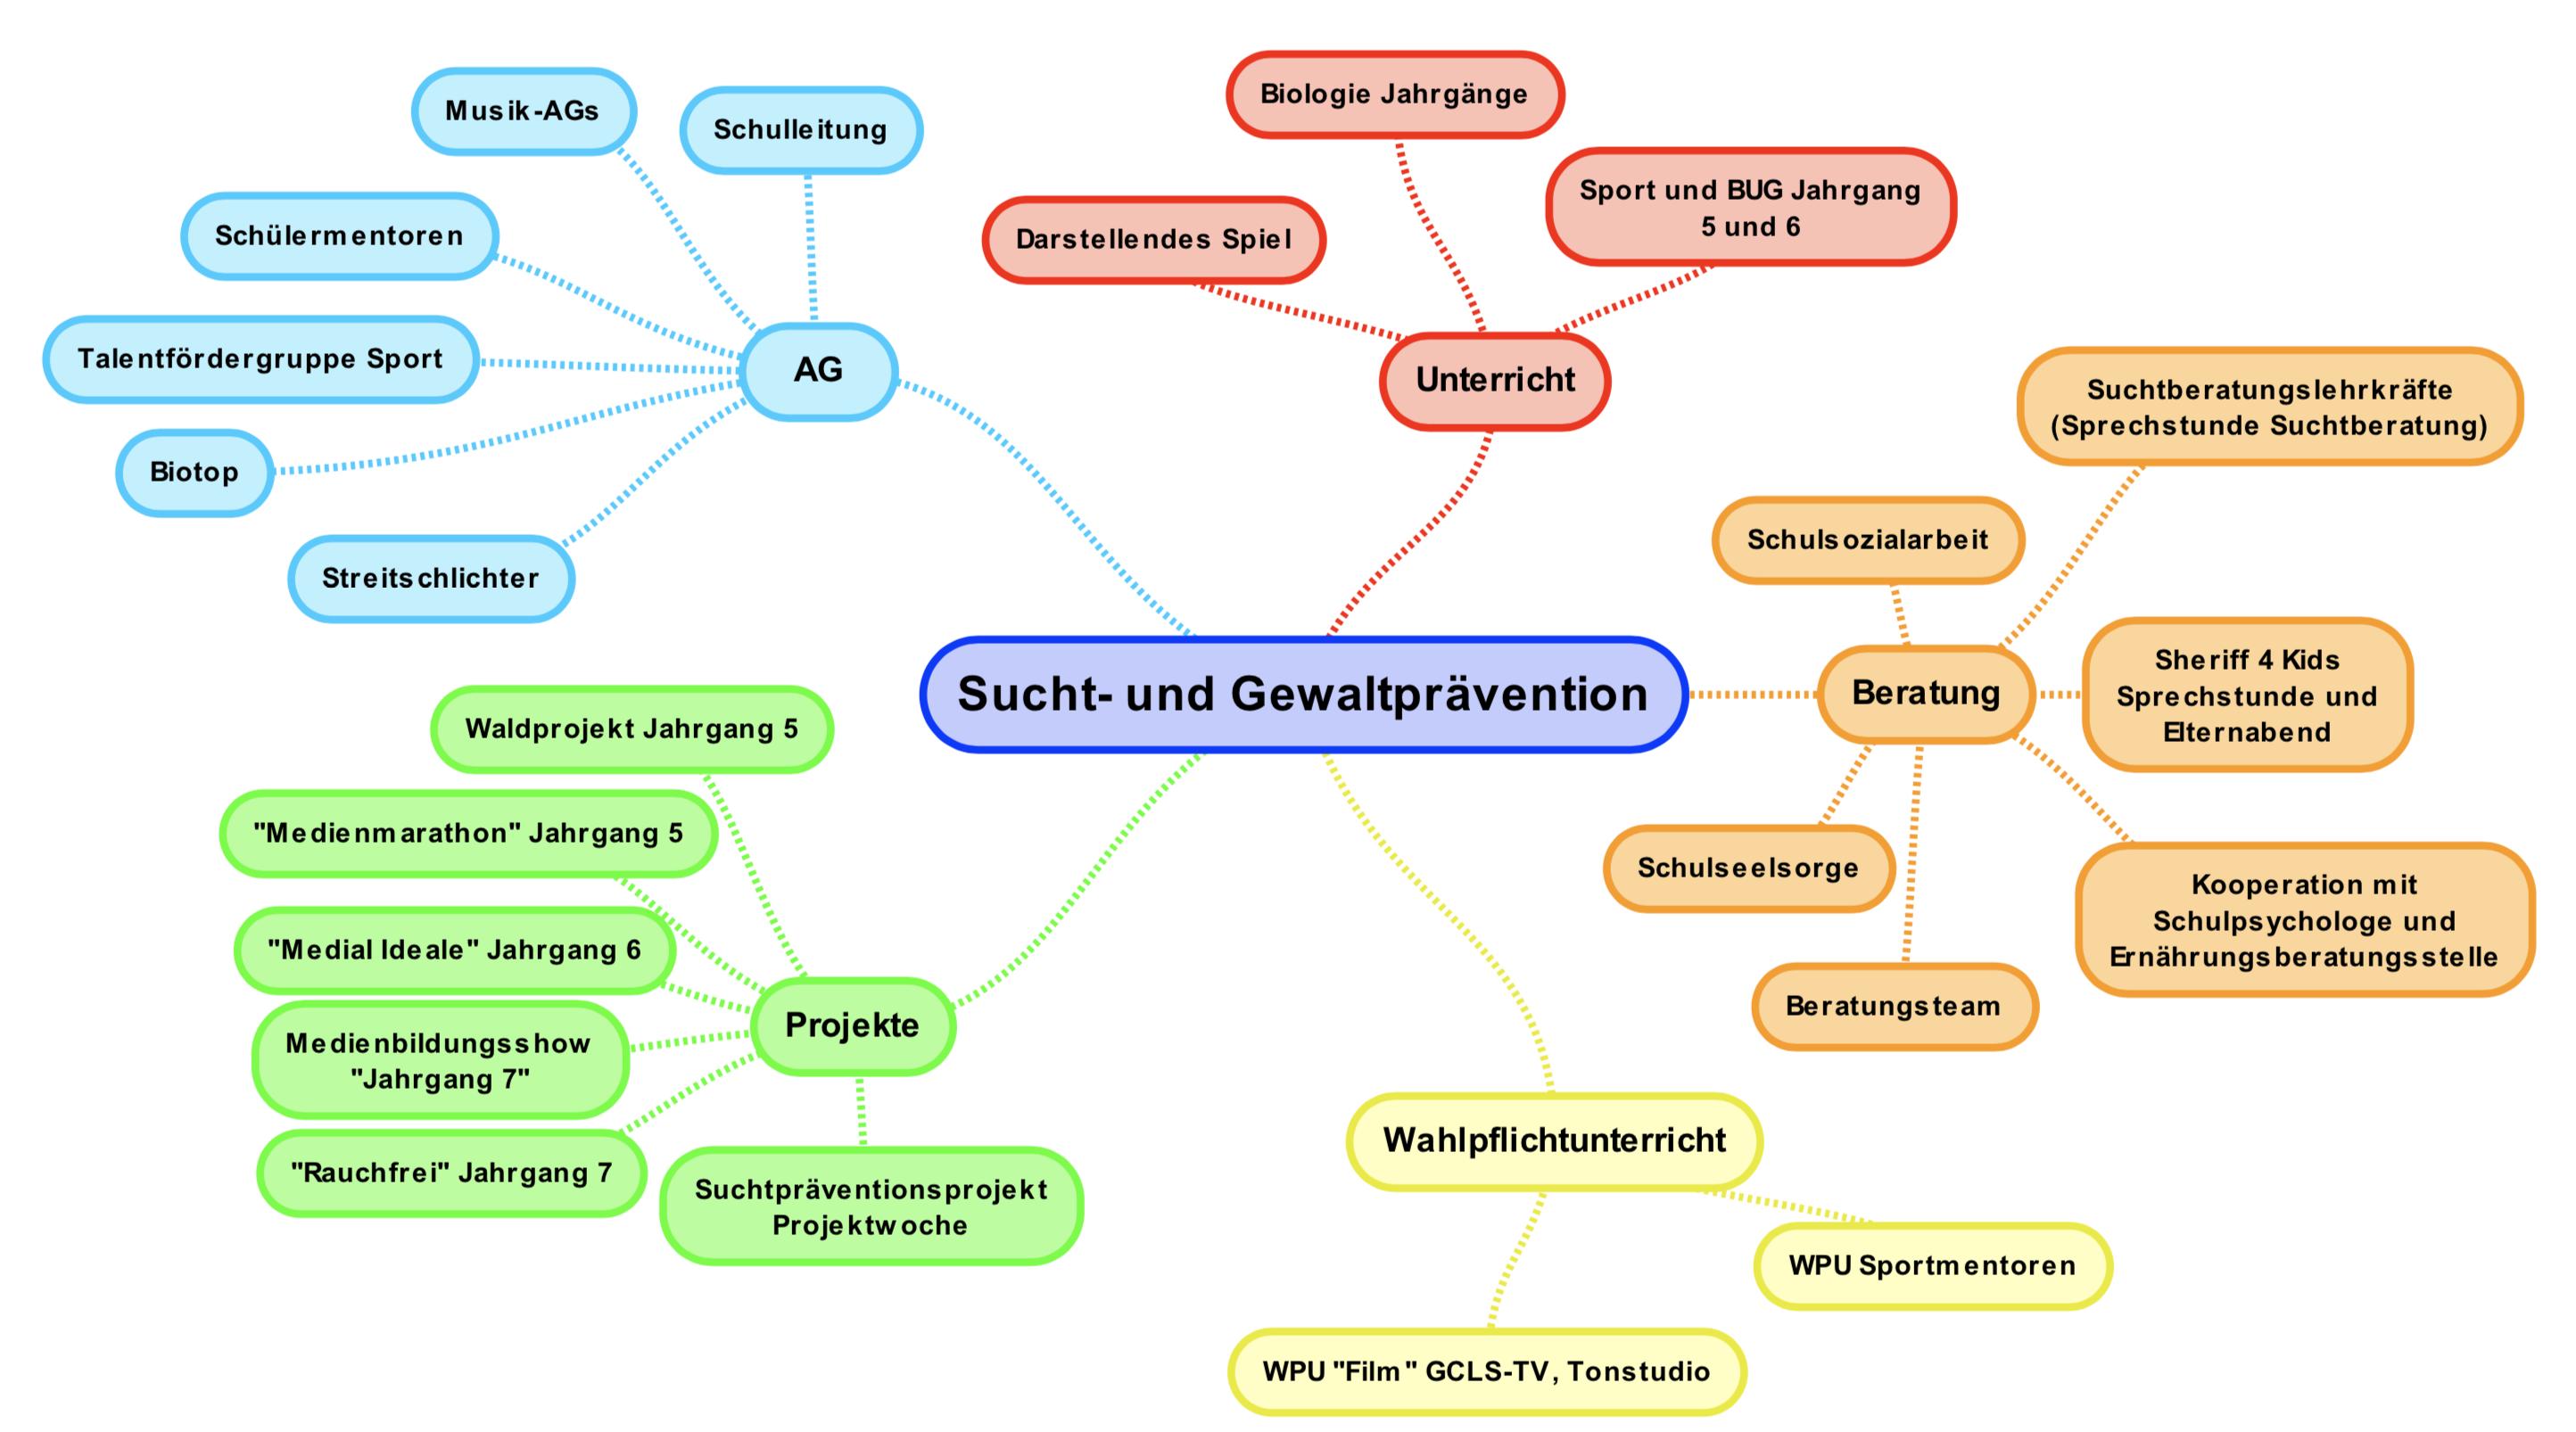 Sucht-und_Gewaltpra_vention